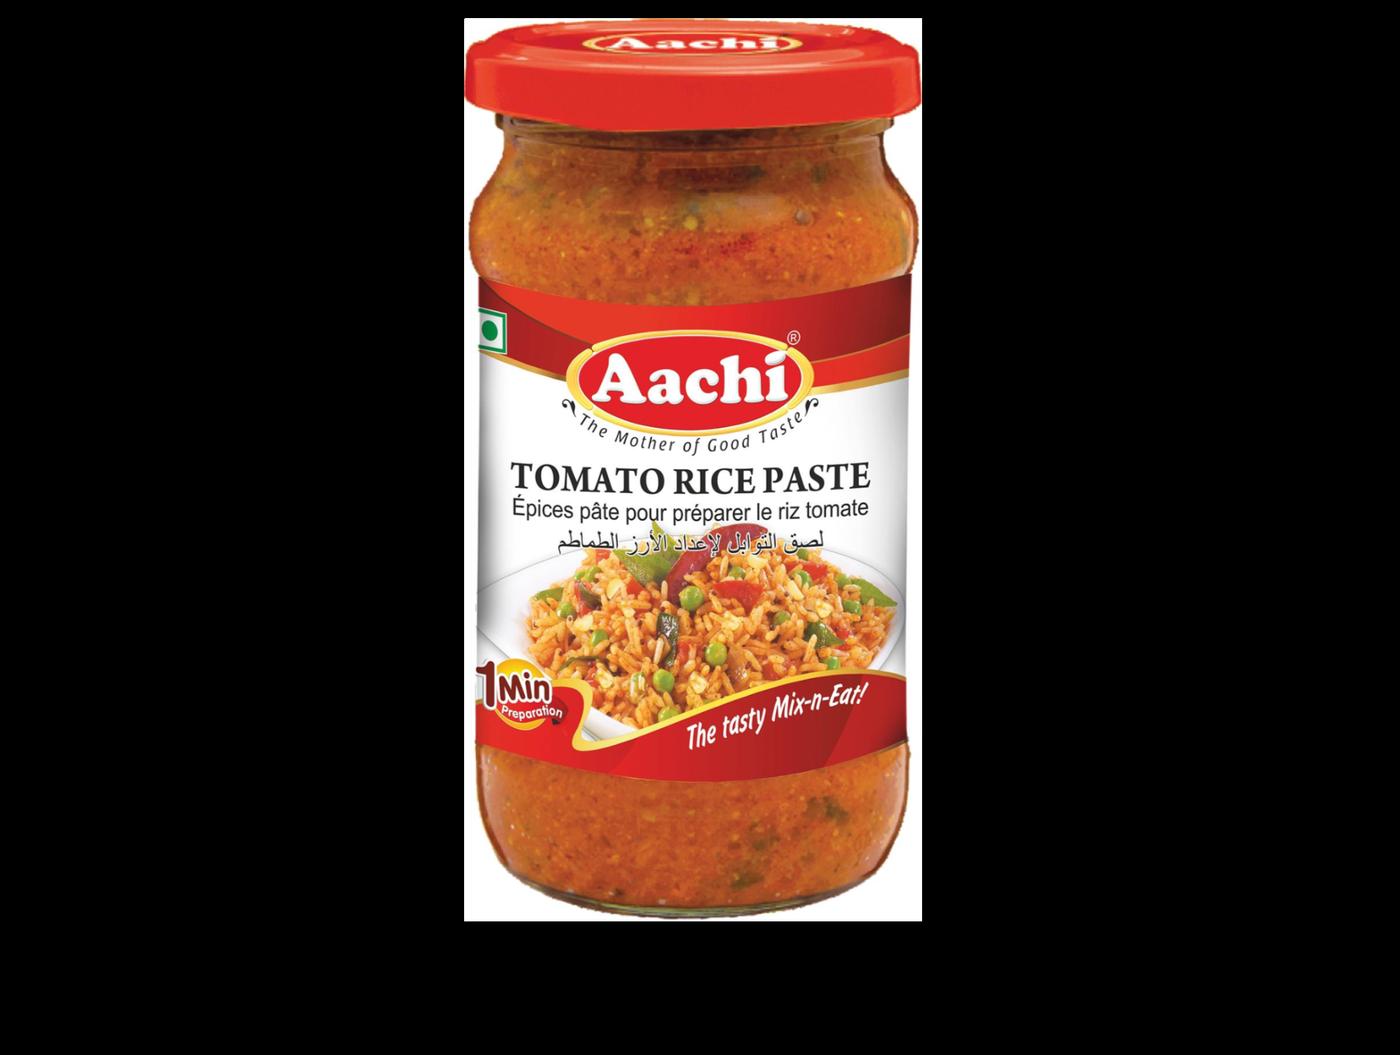 Aachi Tomato Rice Paste